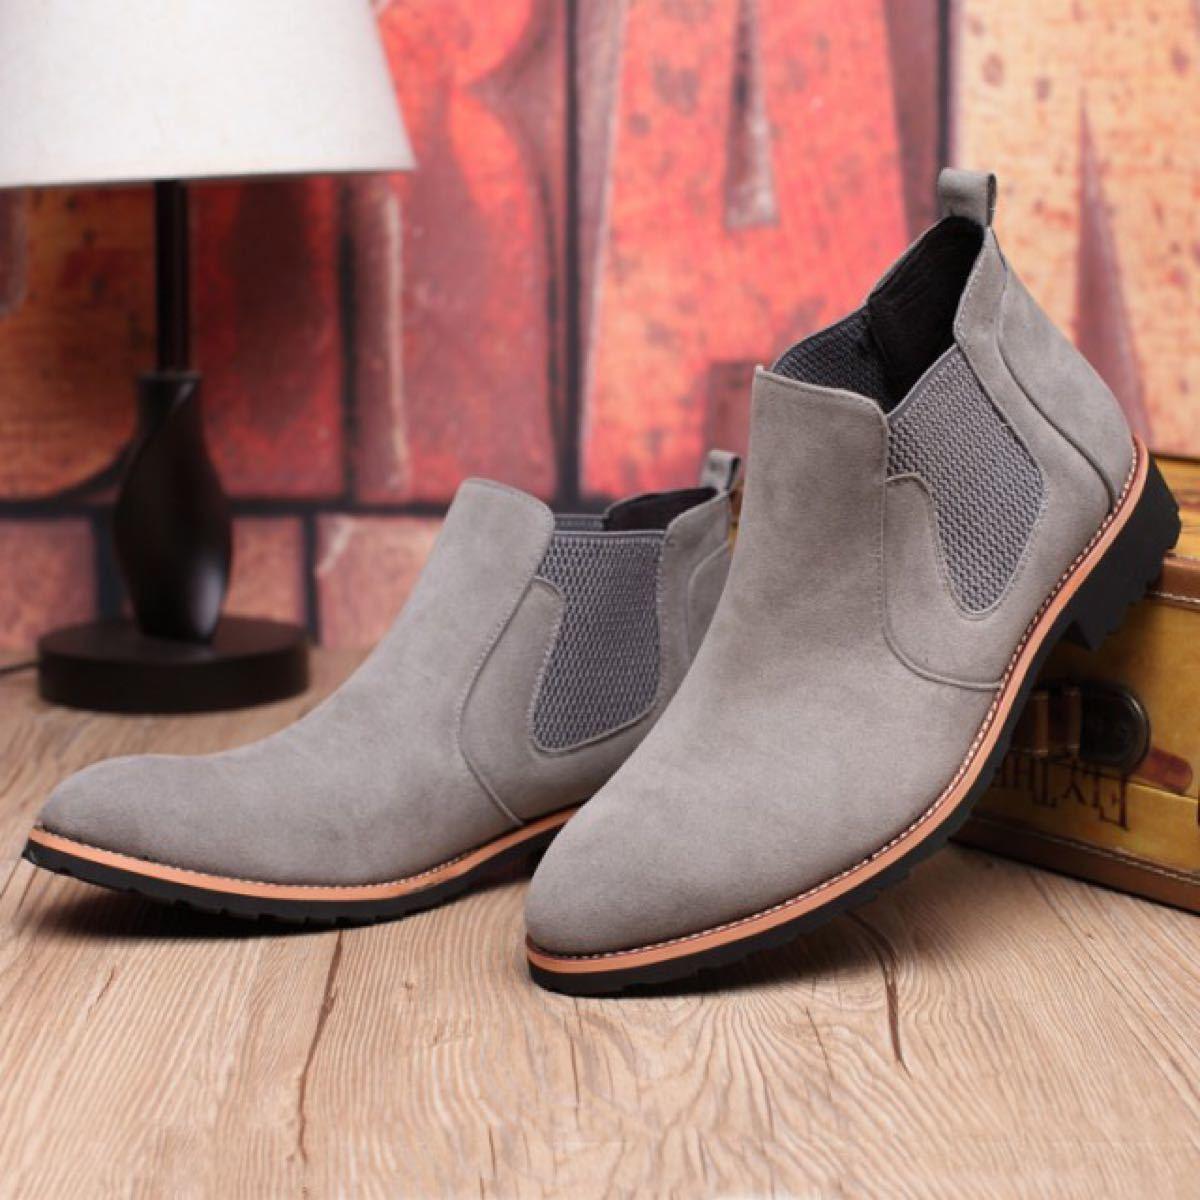 紳士靴 メンズシューズ ビジネスシューズ  レザーシューズ